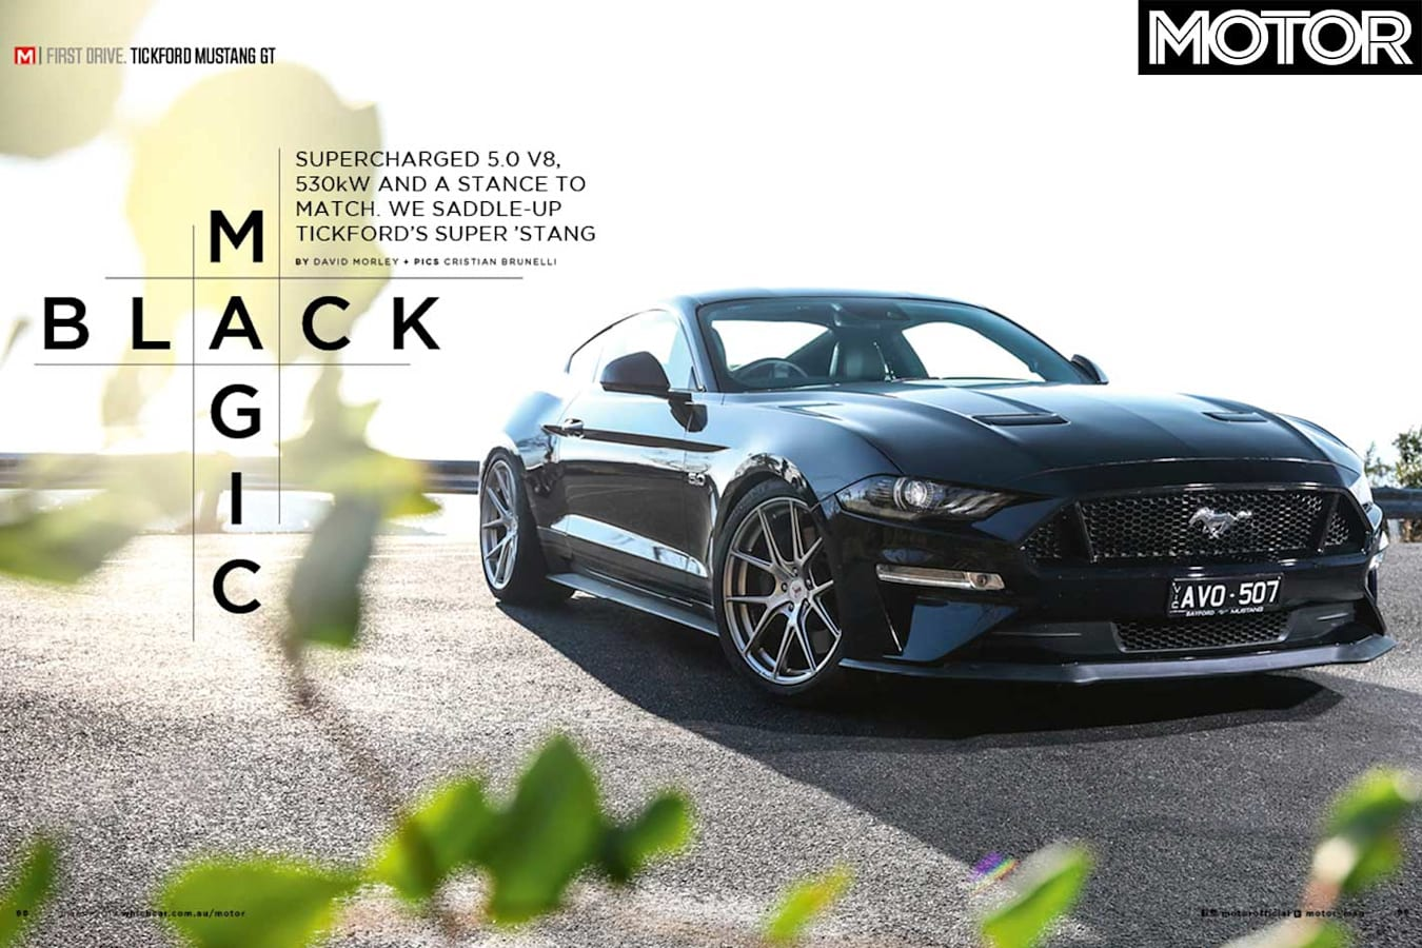 MOTOR Magazine March 2019 Issue Tickford Mustang Gt Jpg